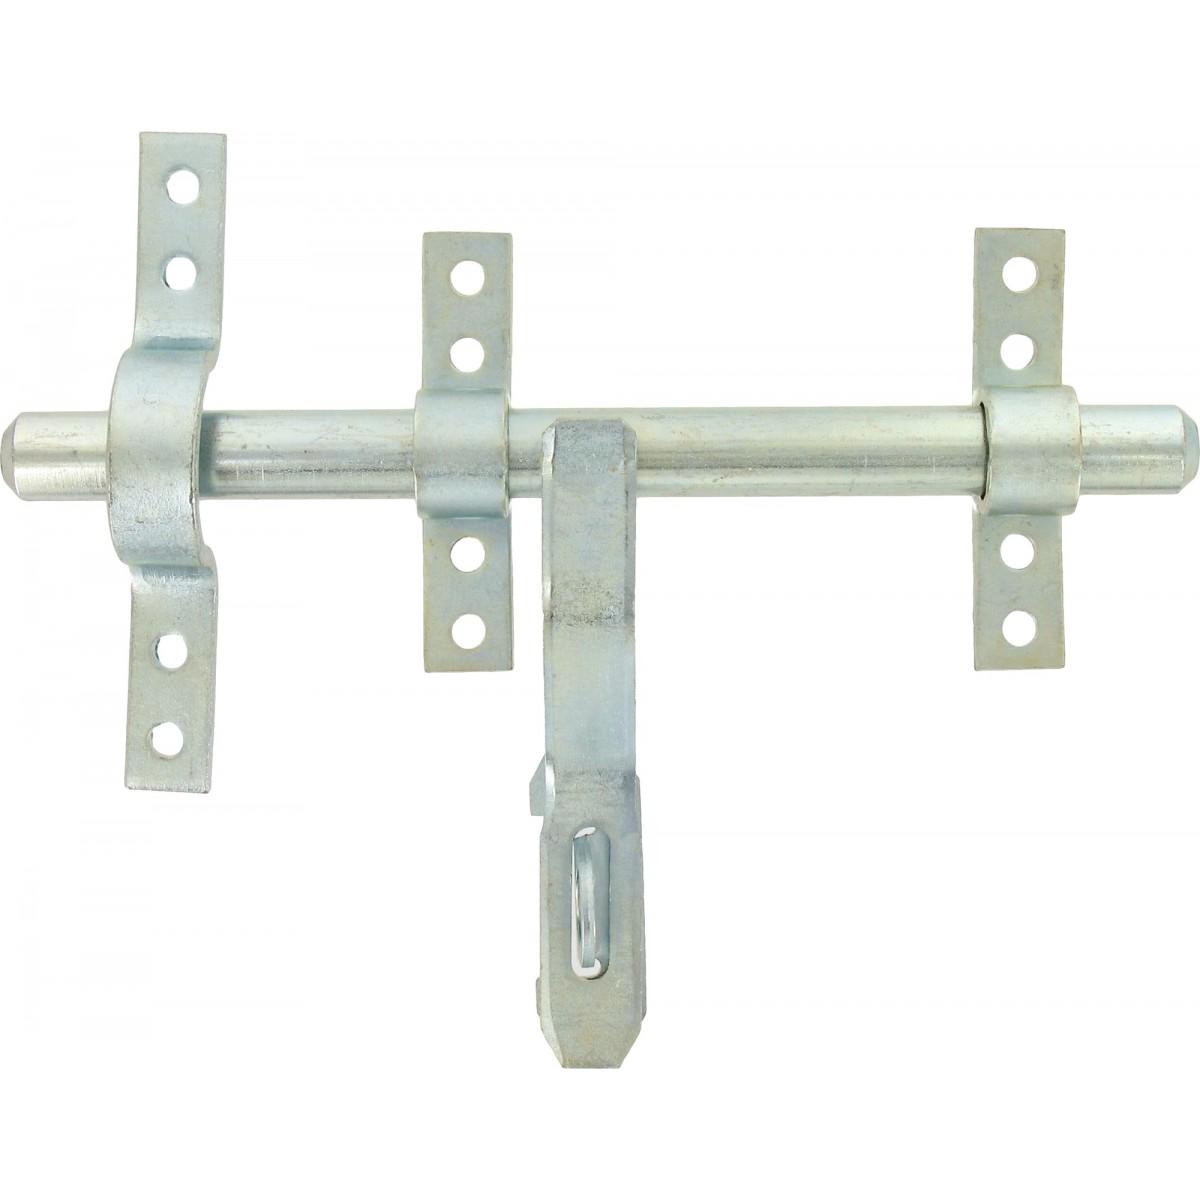 Verrou vervelle renforc zingu bourg avec pattes et porte cadenas diam tre 16 mm - Comment changer le code d un cadenas ...